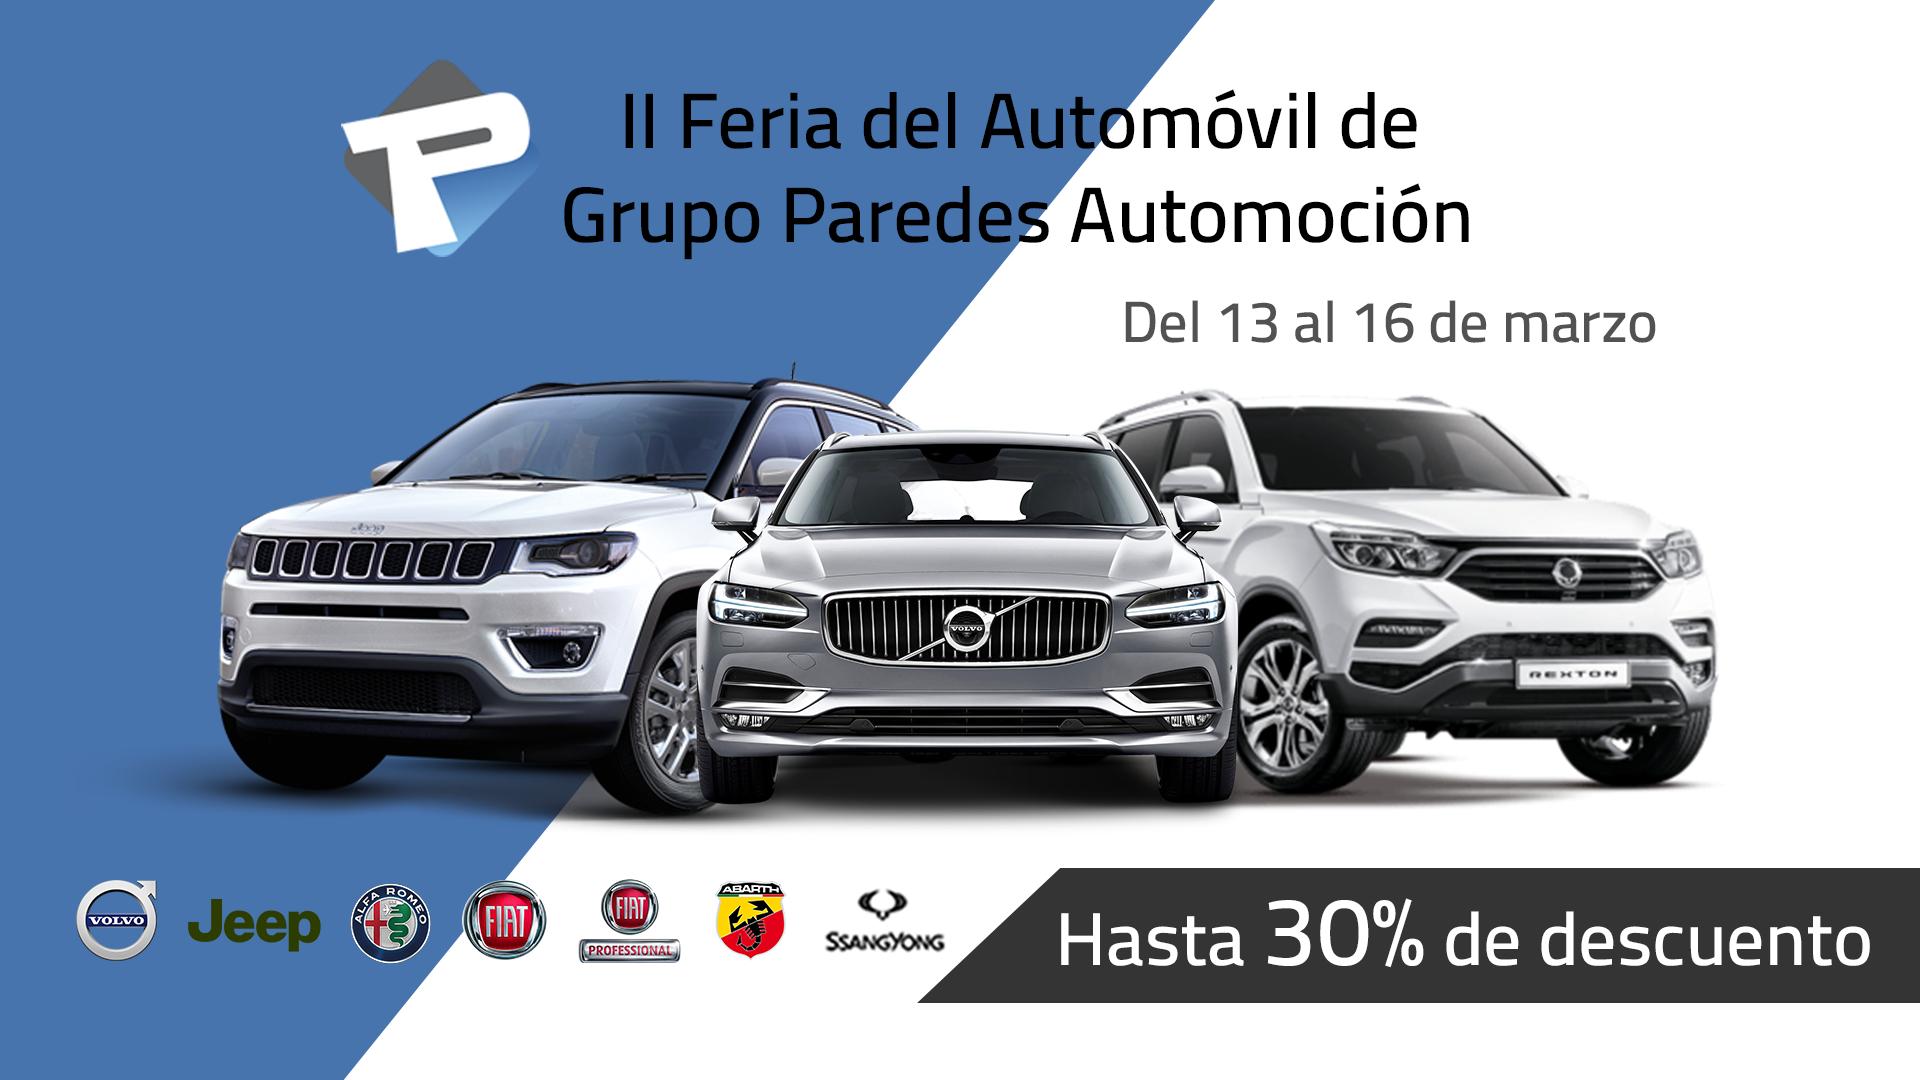 II Feria del Automóvil de Grupo Paredes Automoción